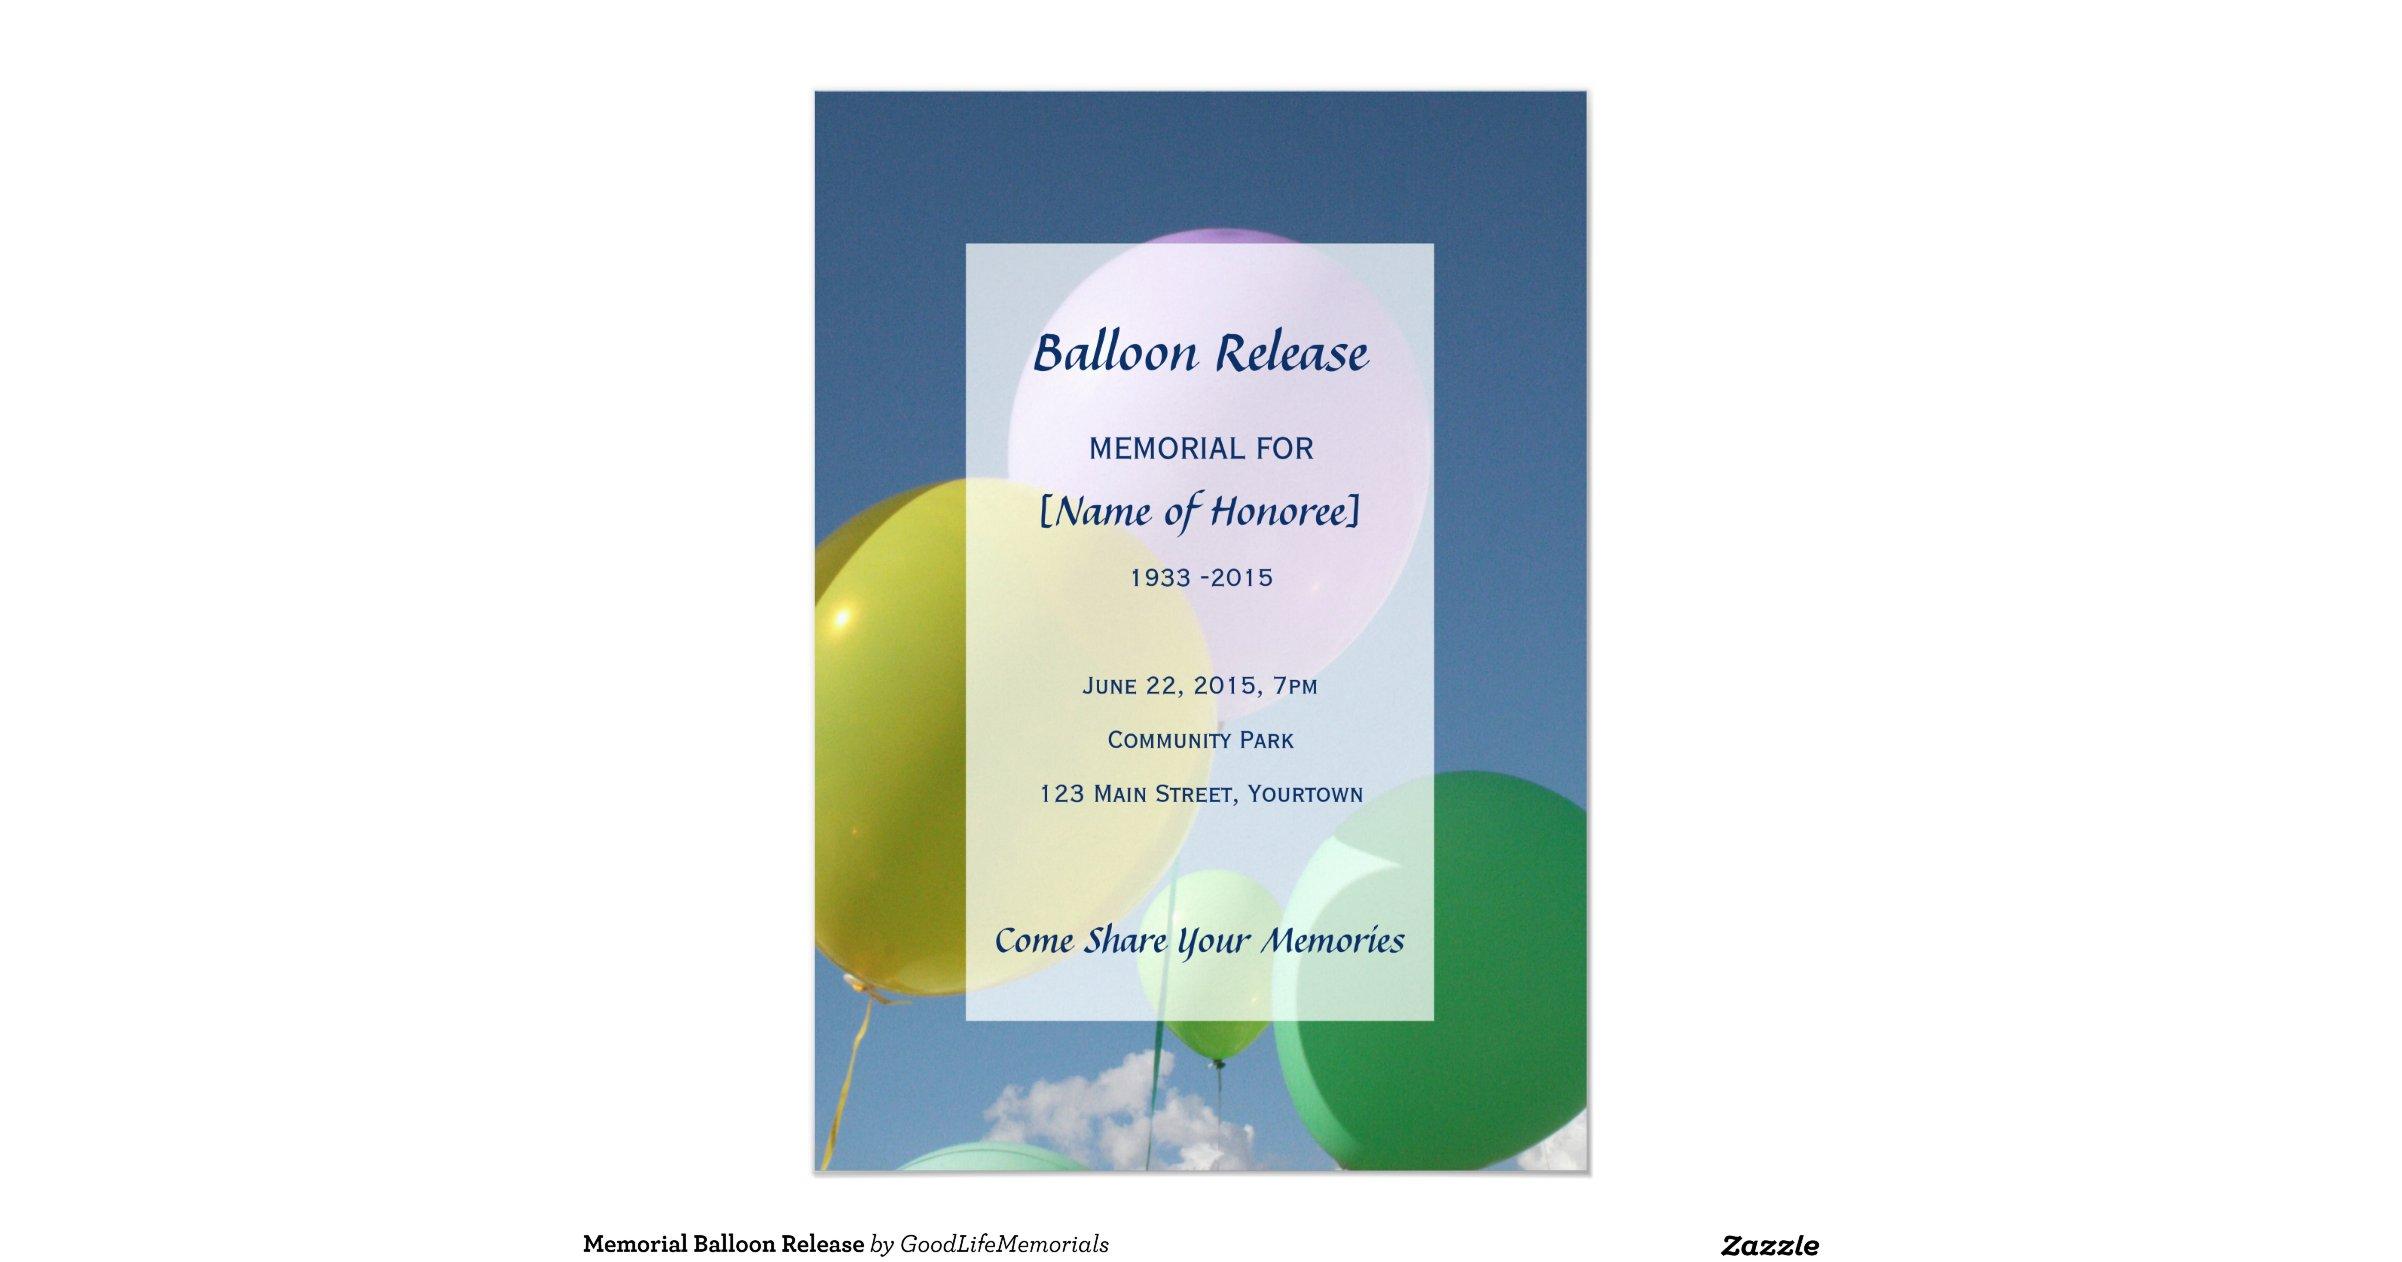 Memorialballoonrelease5x7paperinvitationcard